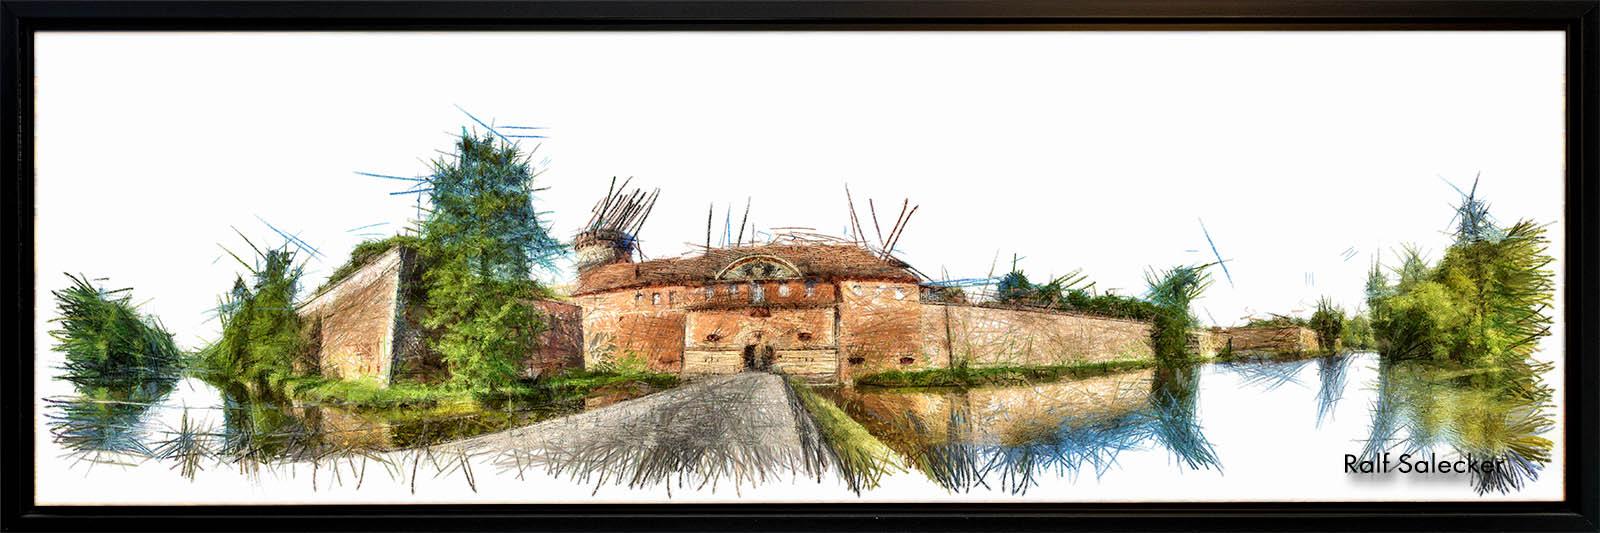 Zitadelle Spandau. Spandaus bekanntestes architektonisches Kleinod ist die am besten erhaltene Renaissancefestung Europas. (Panoramafoto: Ralf Salecker)